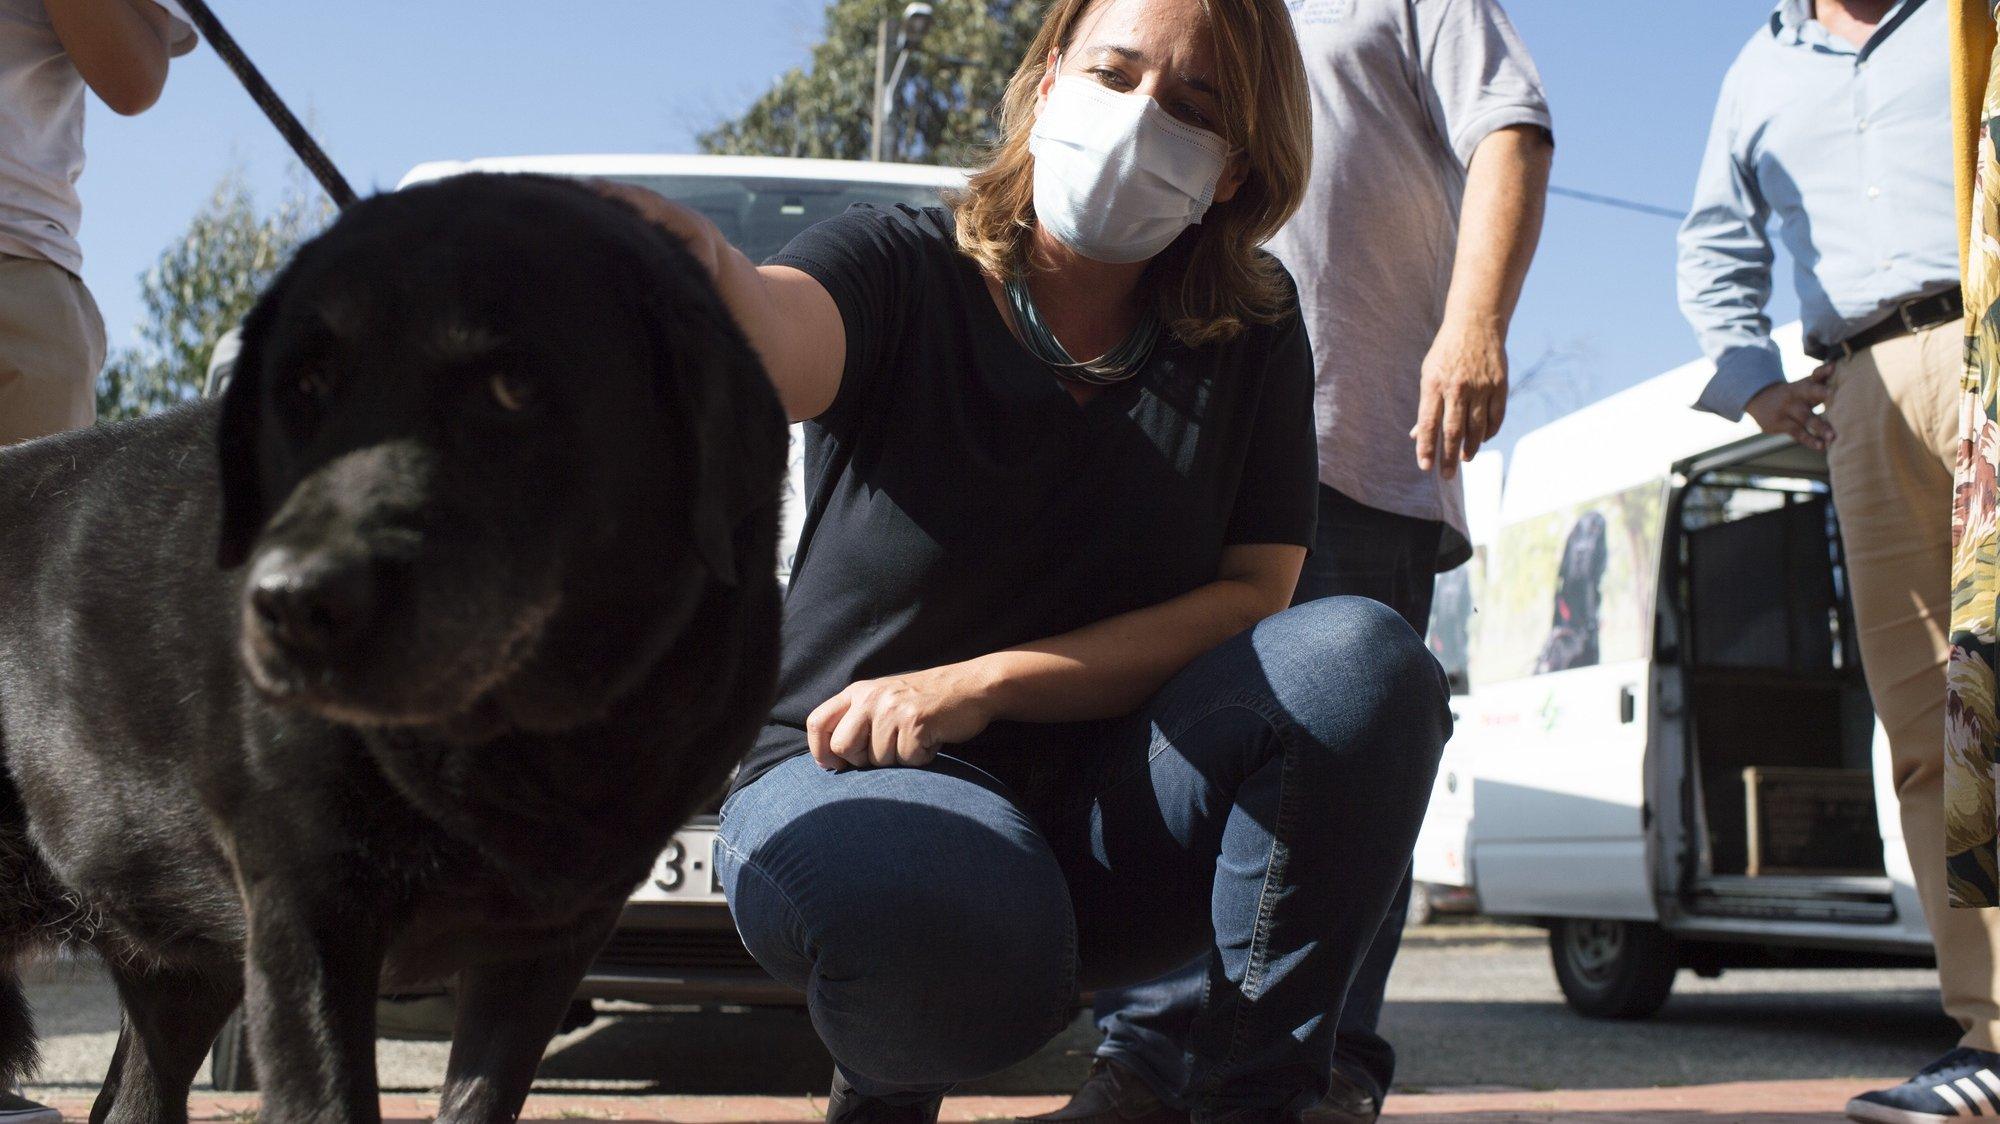 A coordenadora do Bloco de Esquerda (BE), Catarina Martins, esta tarde durante uma visita à escola de cães-guia para cegos em Chão de Vento, Mortágua, 26 de agosto de 2021. NUNO ANDRÉ FERREIRA/LUSA.